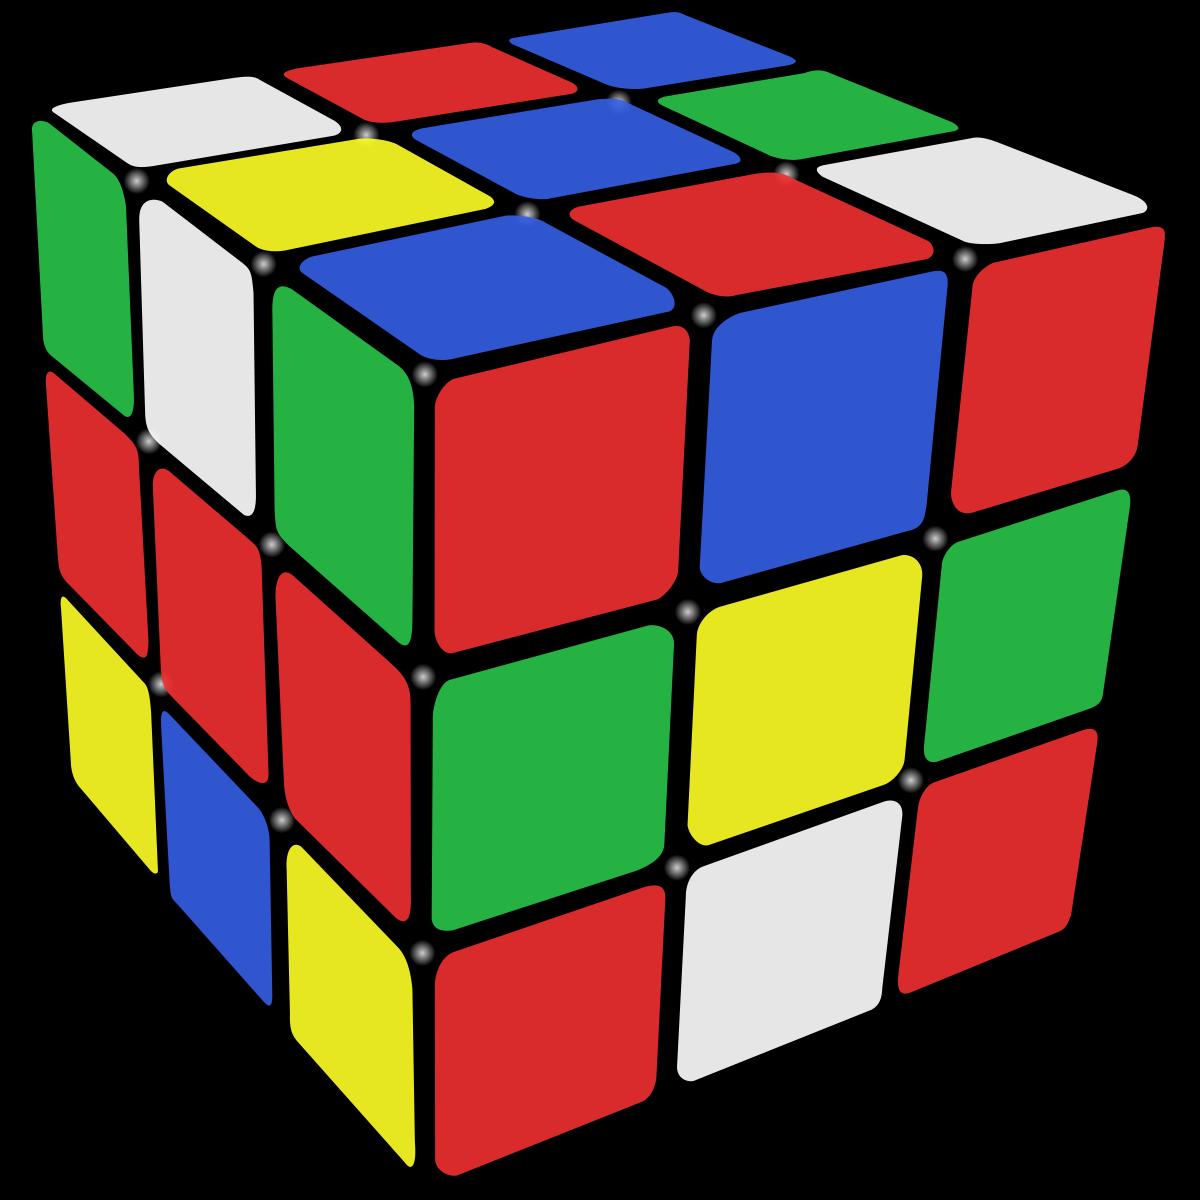 Rubik's Cube PNG Image   Rubiks cube, Cube, Rubix cube